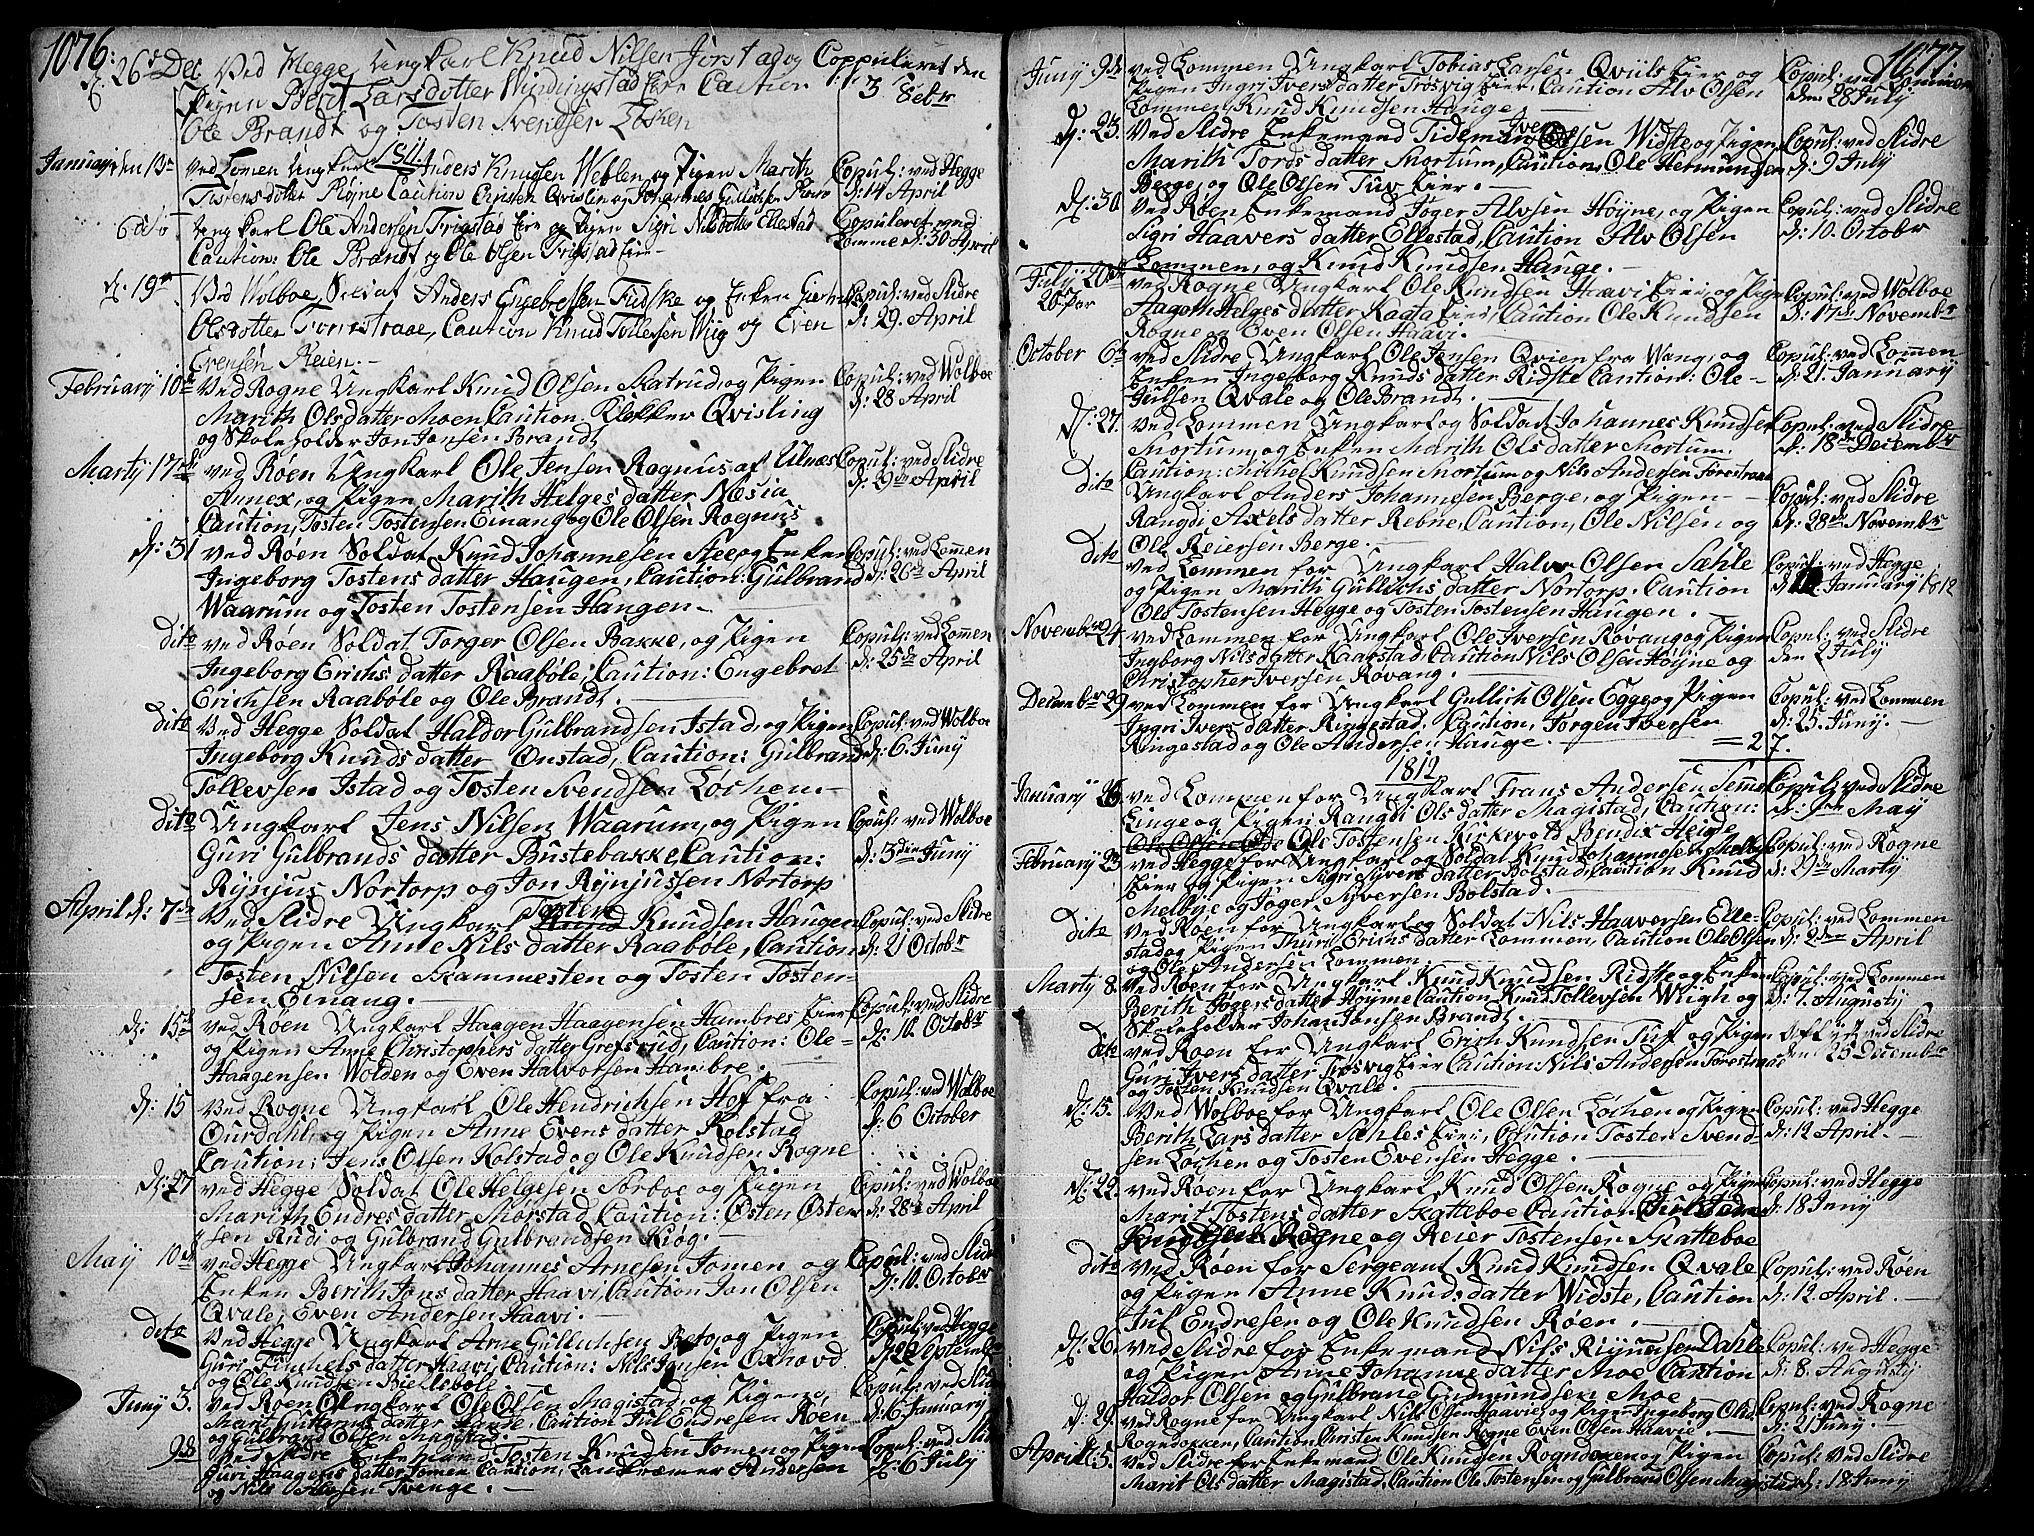 SAH, Slidre prestekontor, Ministerialbok nr. 1, 1724-1814, s. 1076-1077